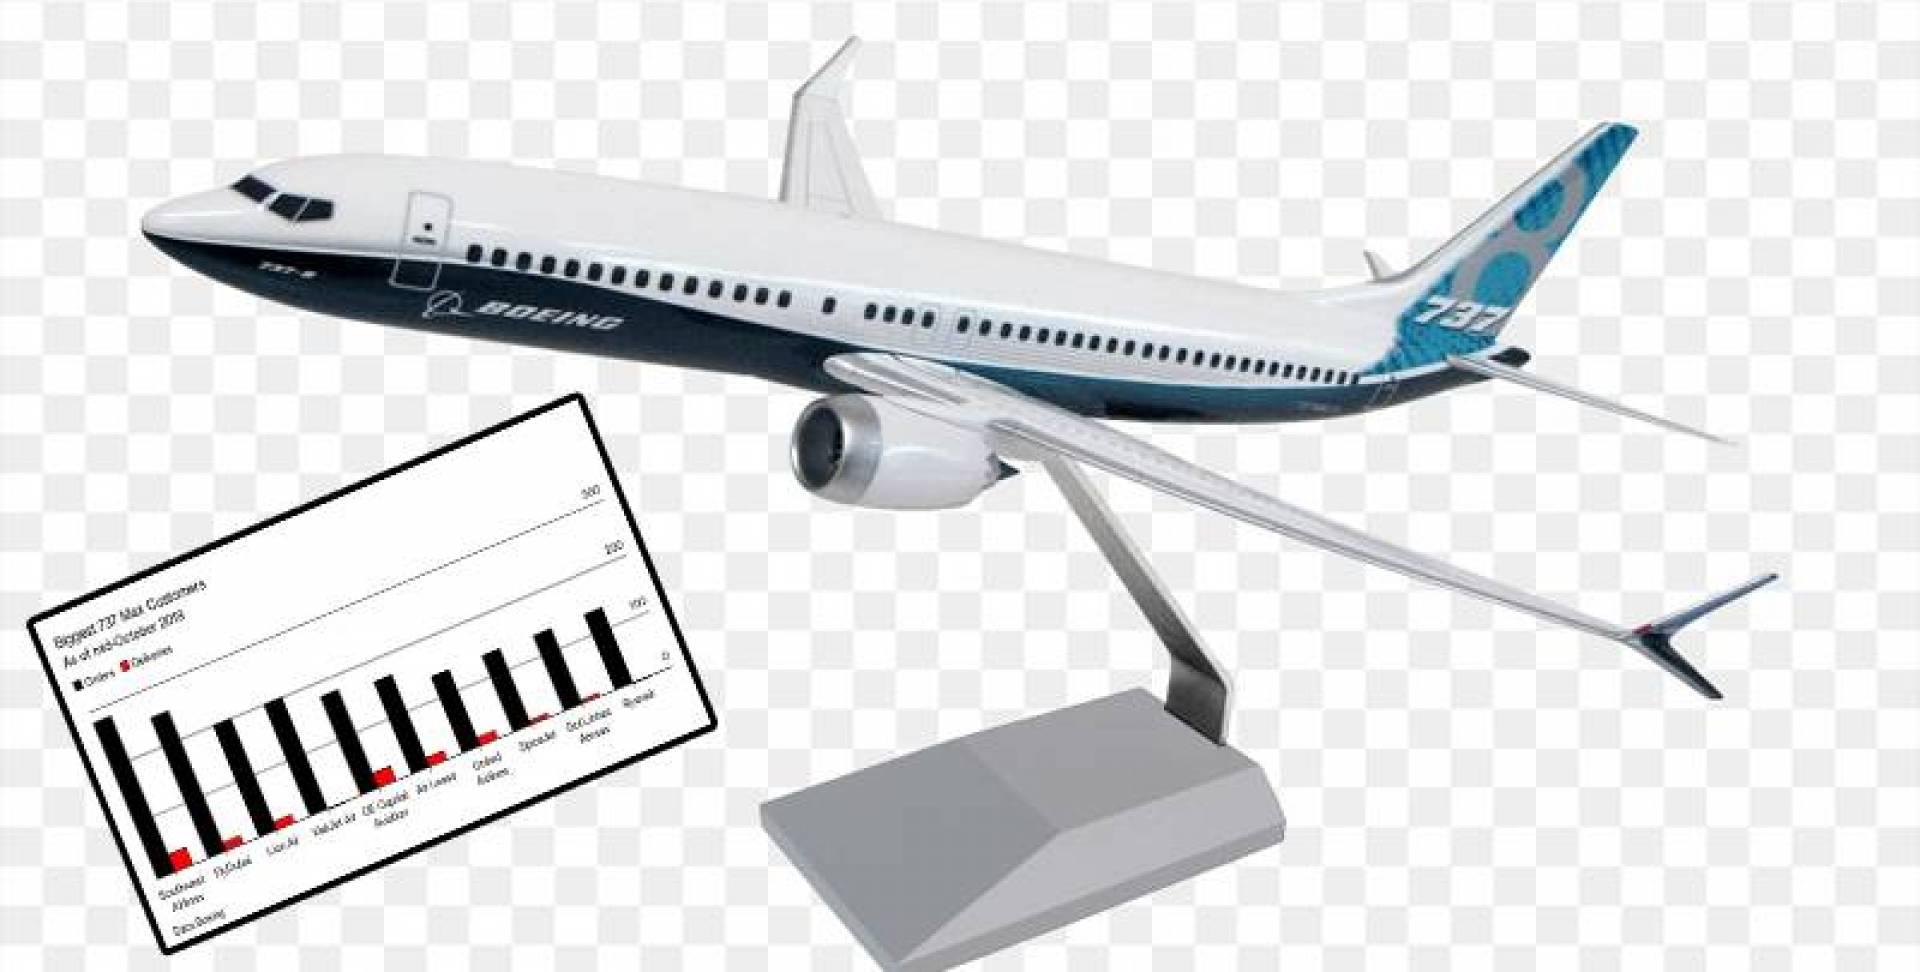 ساوثويست أحدث شركة طيران أمريكية تستبعد طائرة بوينج 737 من جدول أعمالها